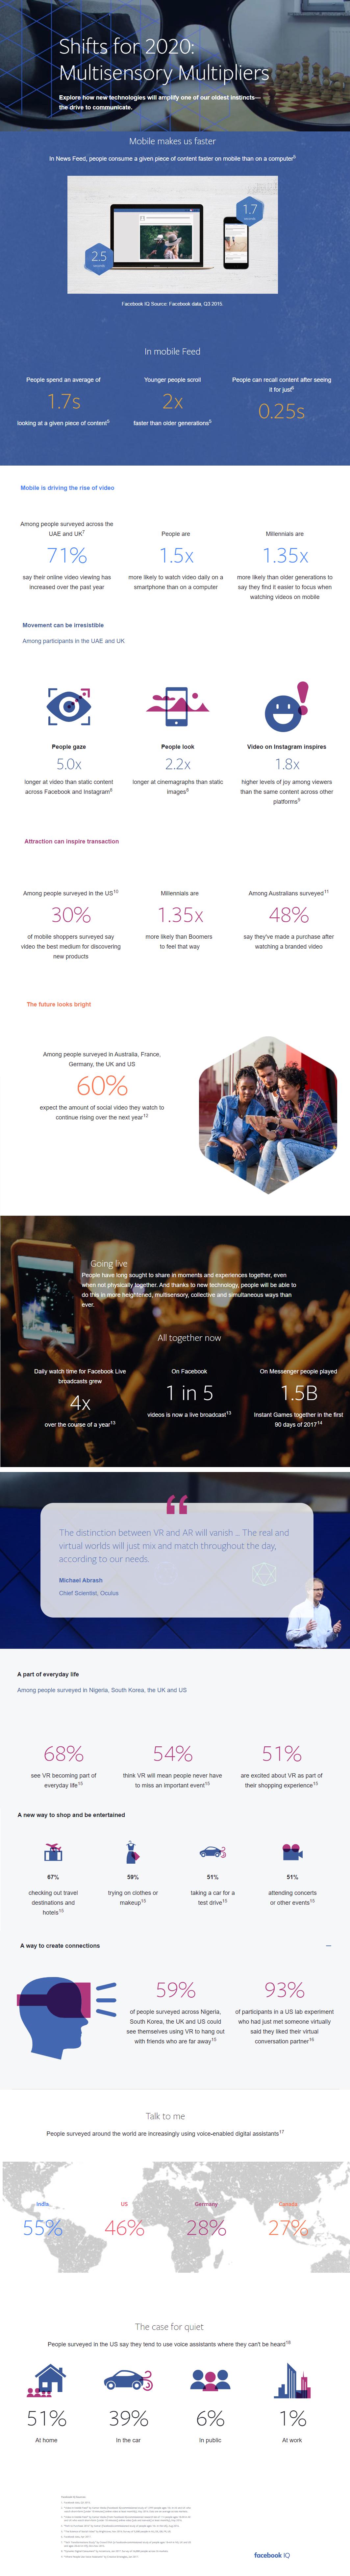 Facebook future trends on content consumption